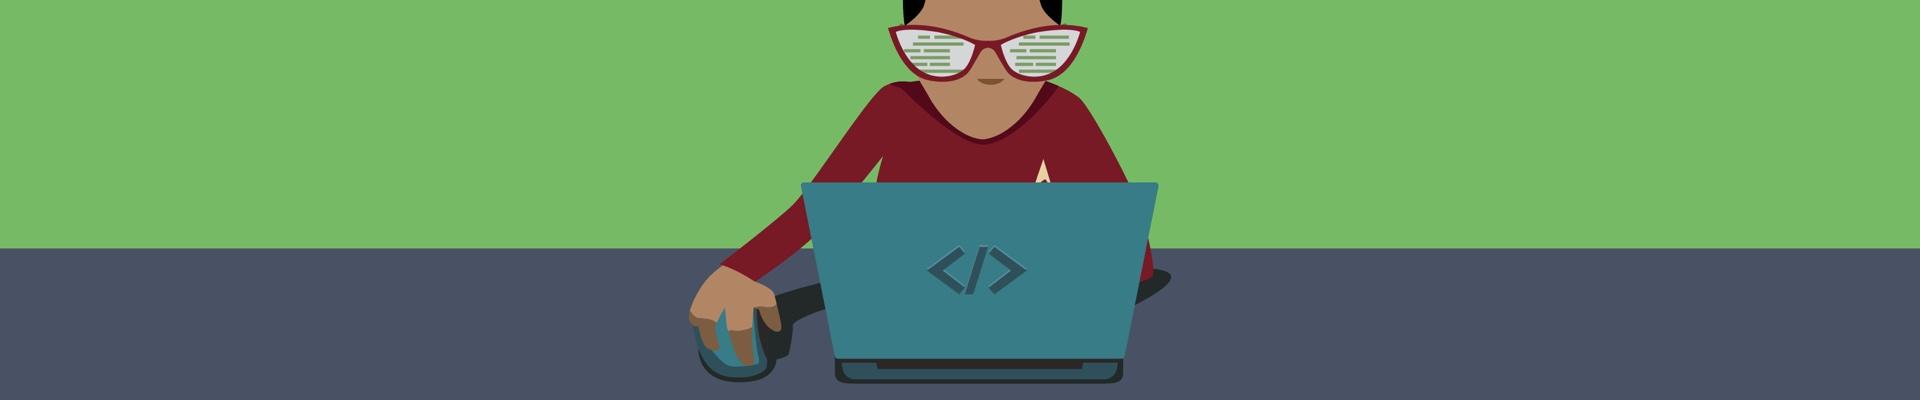 ¿Tienes las habilidades esenciales para ser un desarrollador mobile full stack?